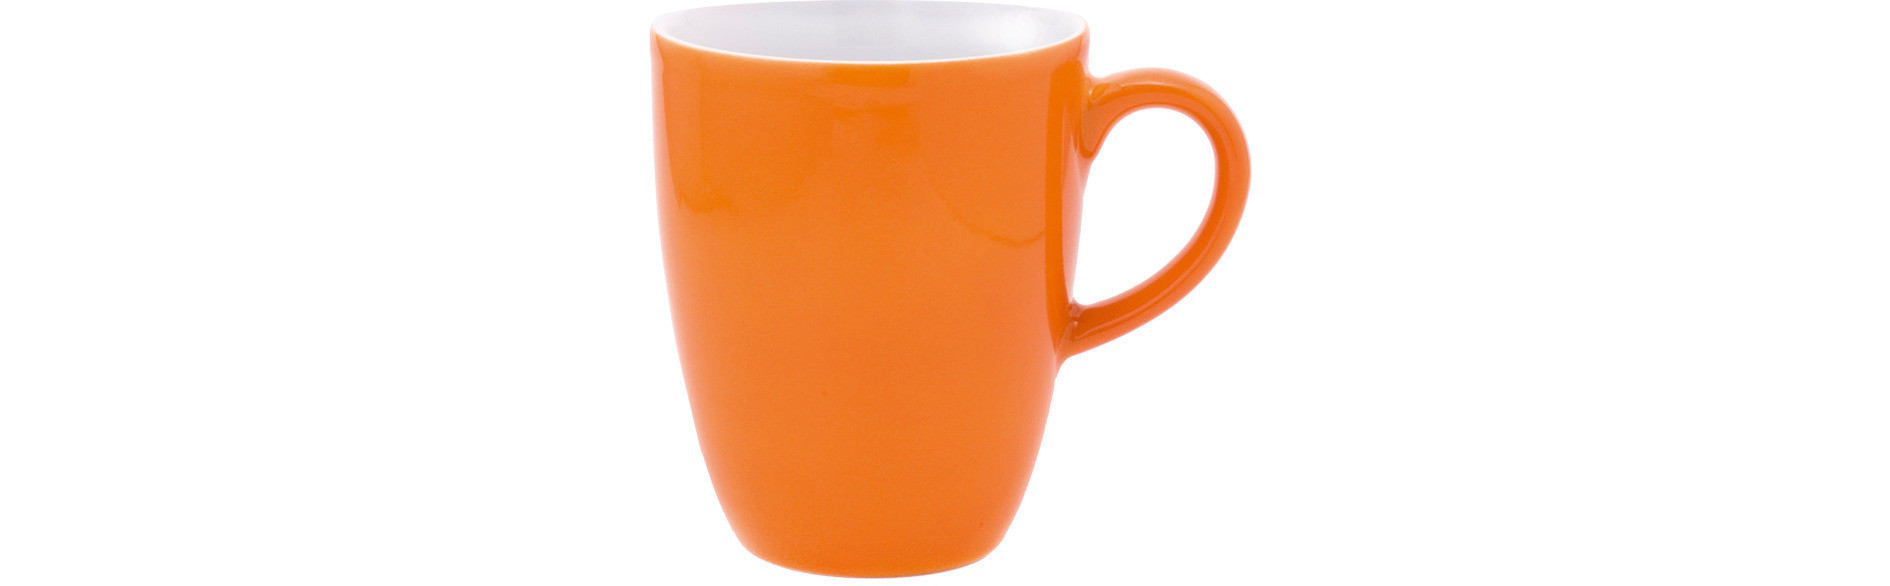 Pronto, Macchiatobecher stapelbar ø 80 mm / 0,28 l orange